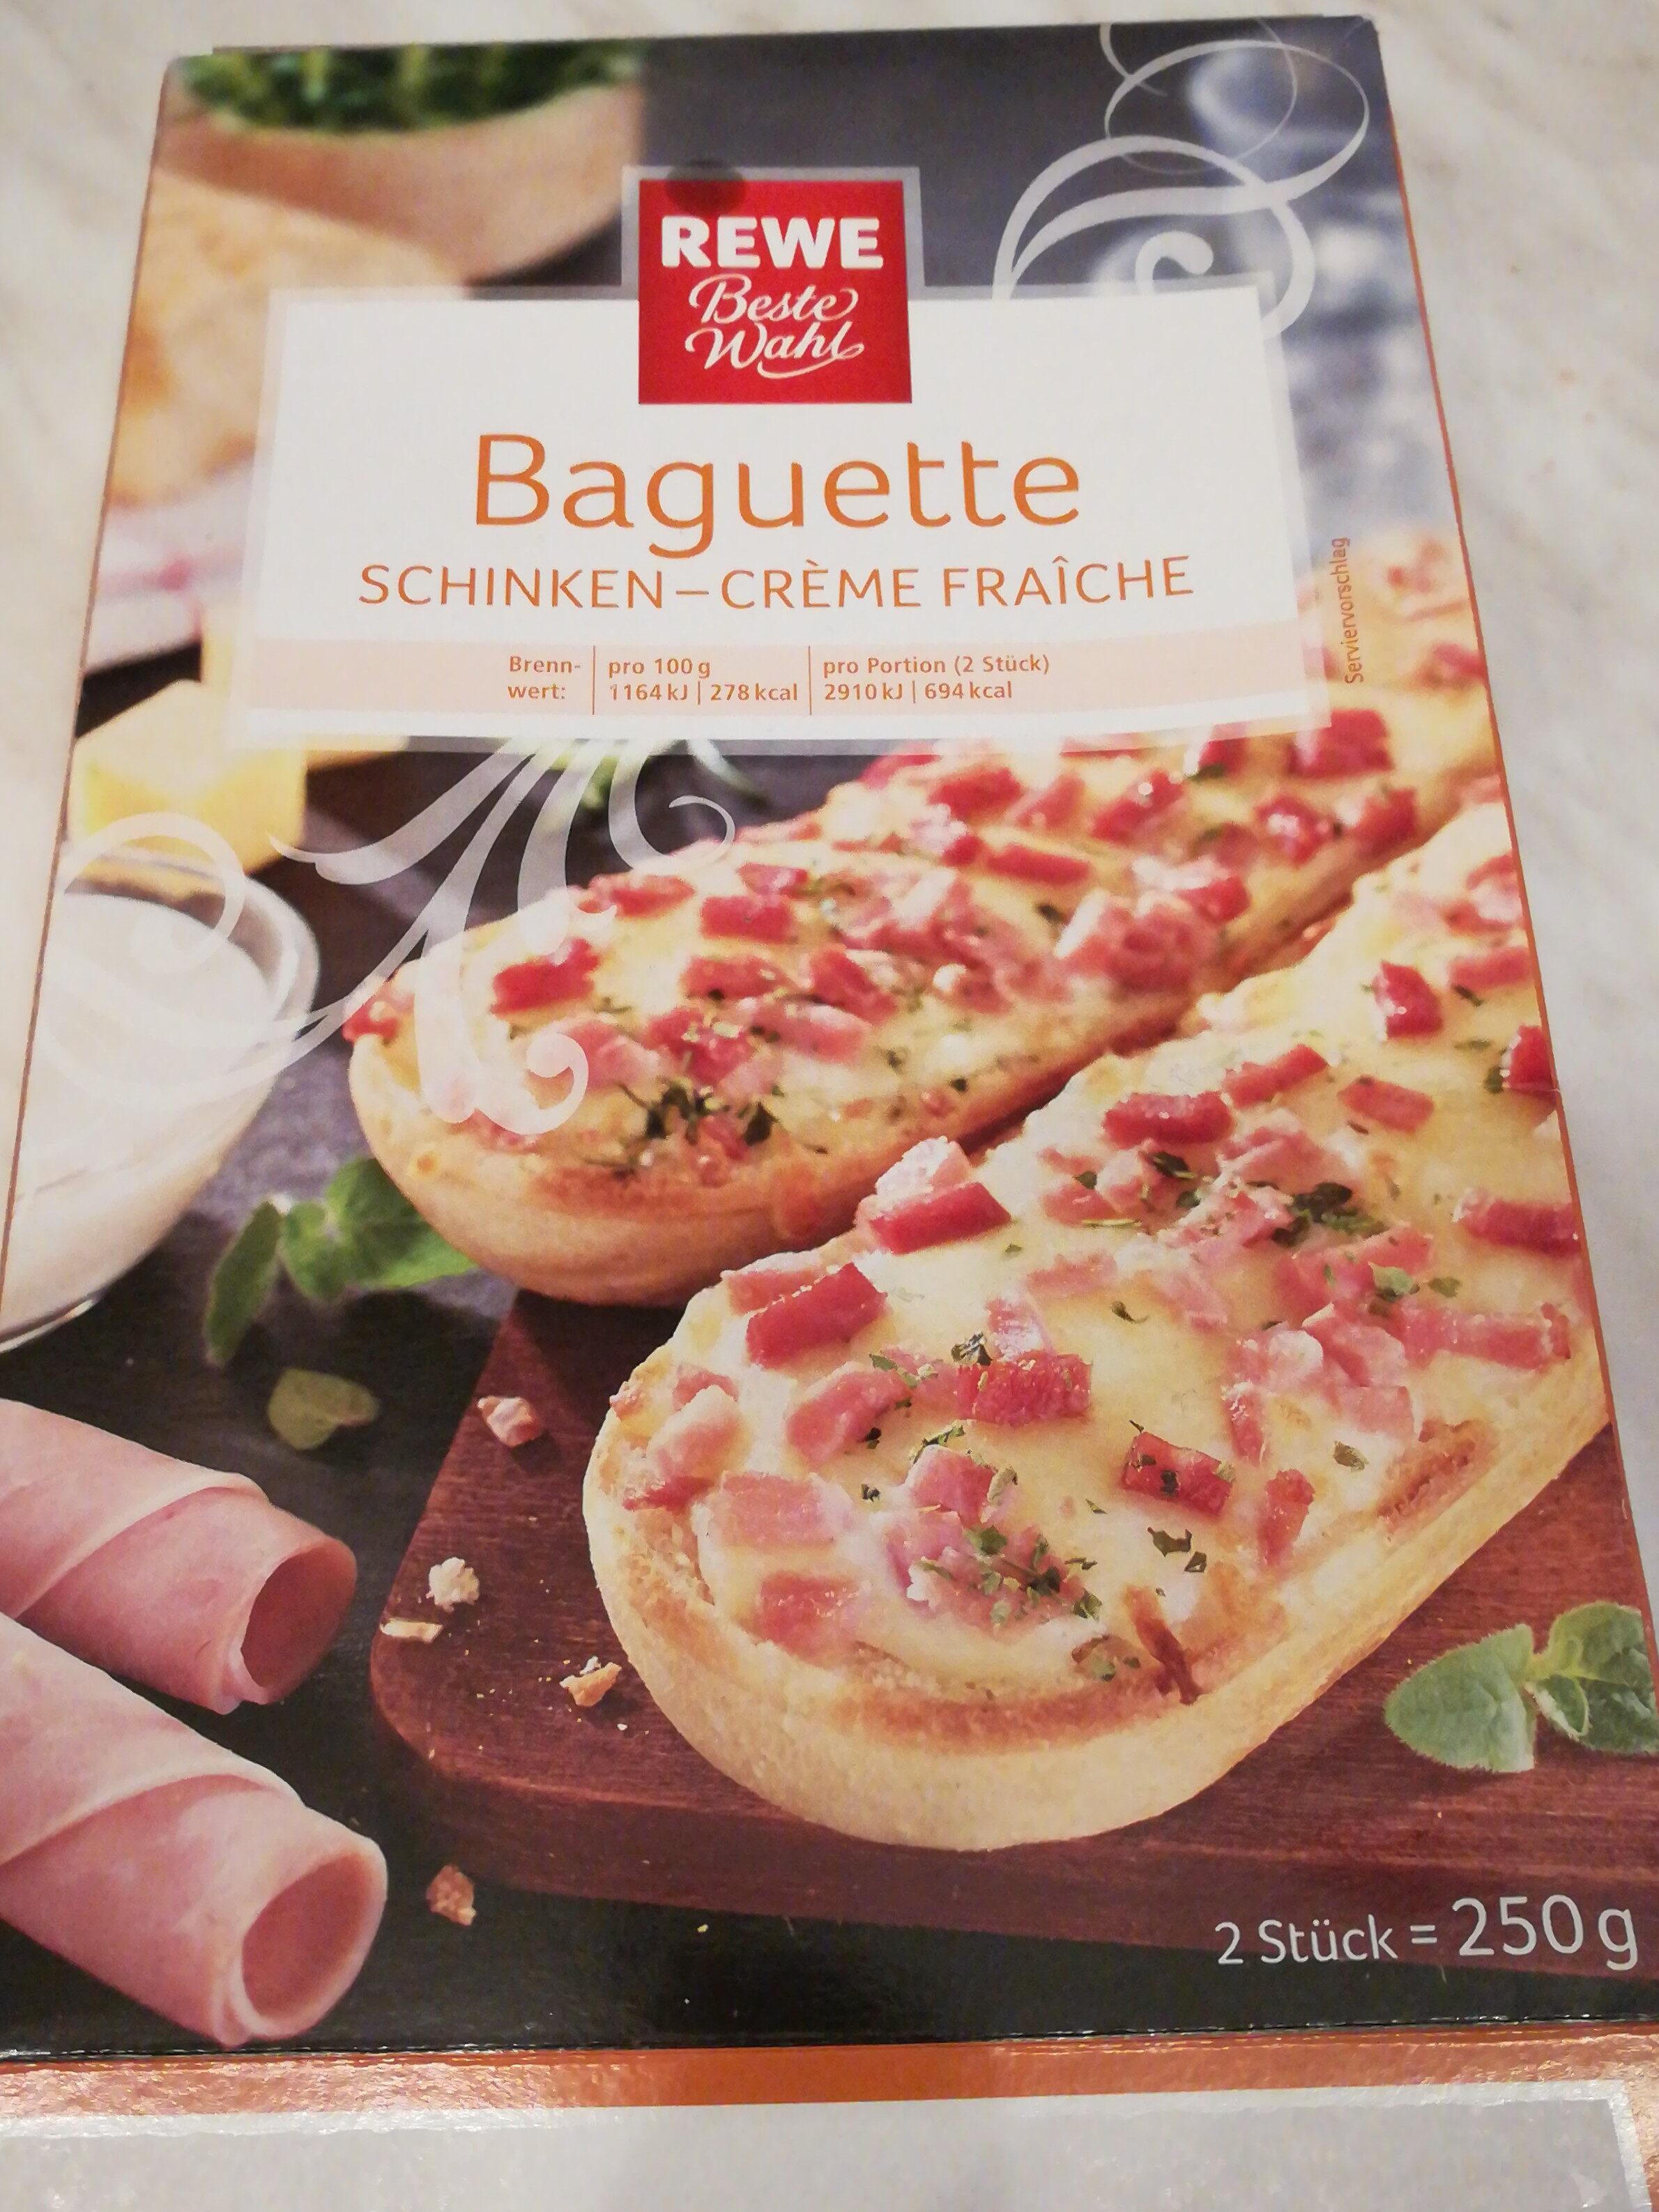 Baguette Schinken-Creme fraiche - Product - de